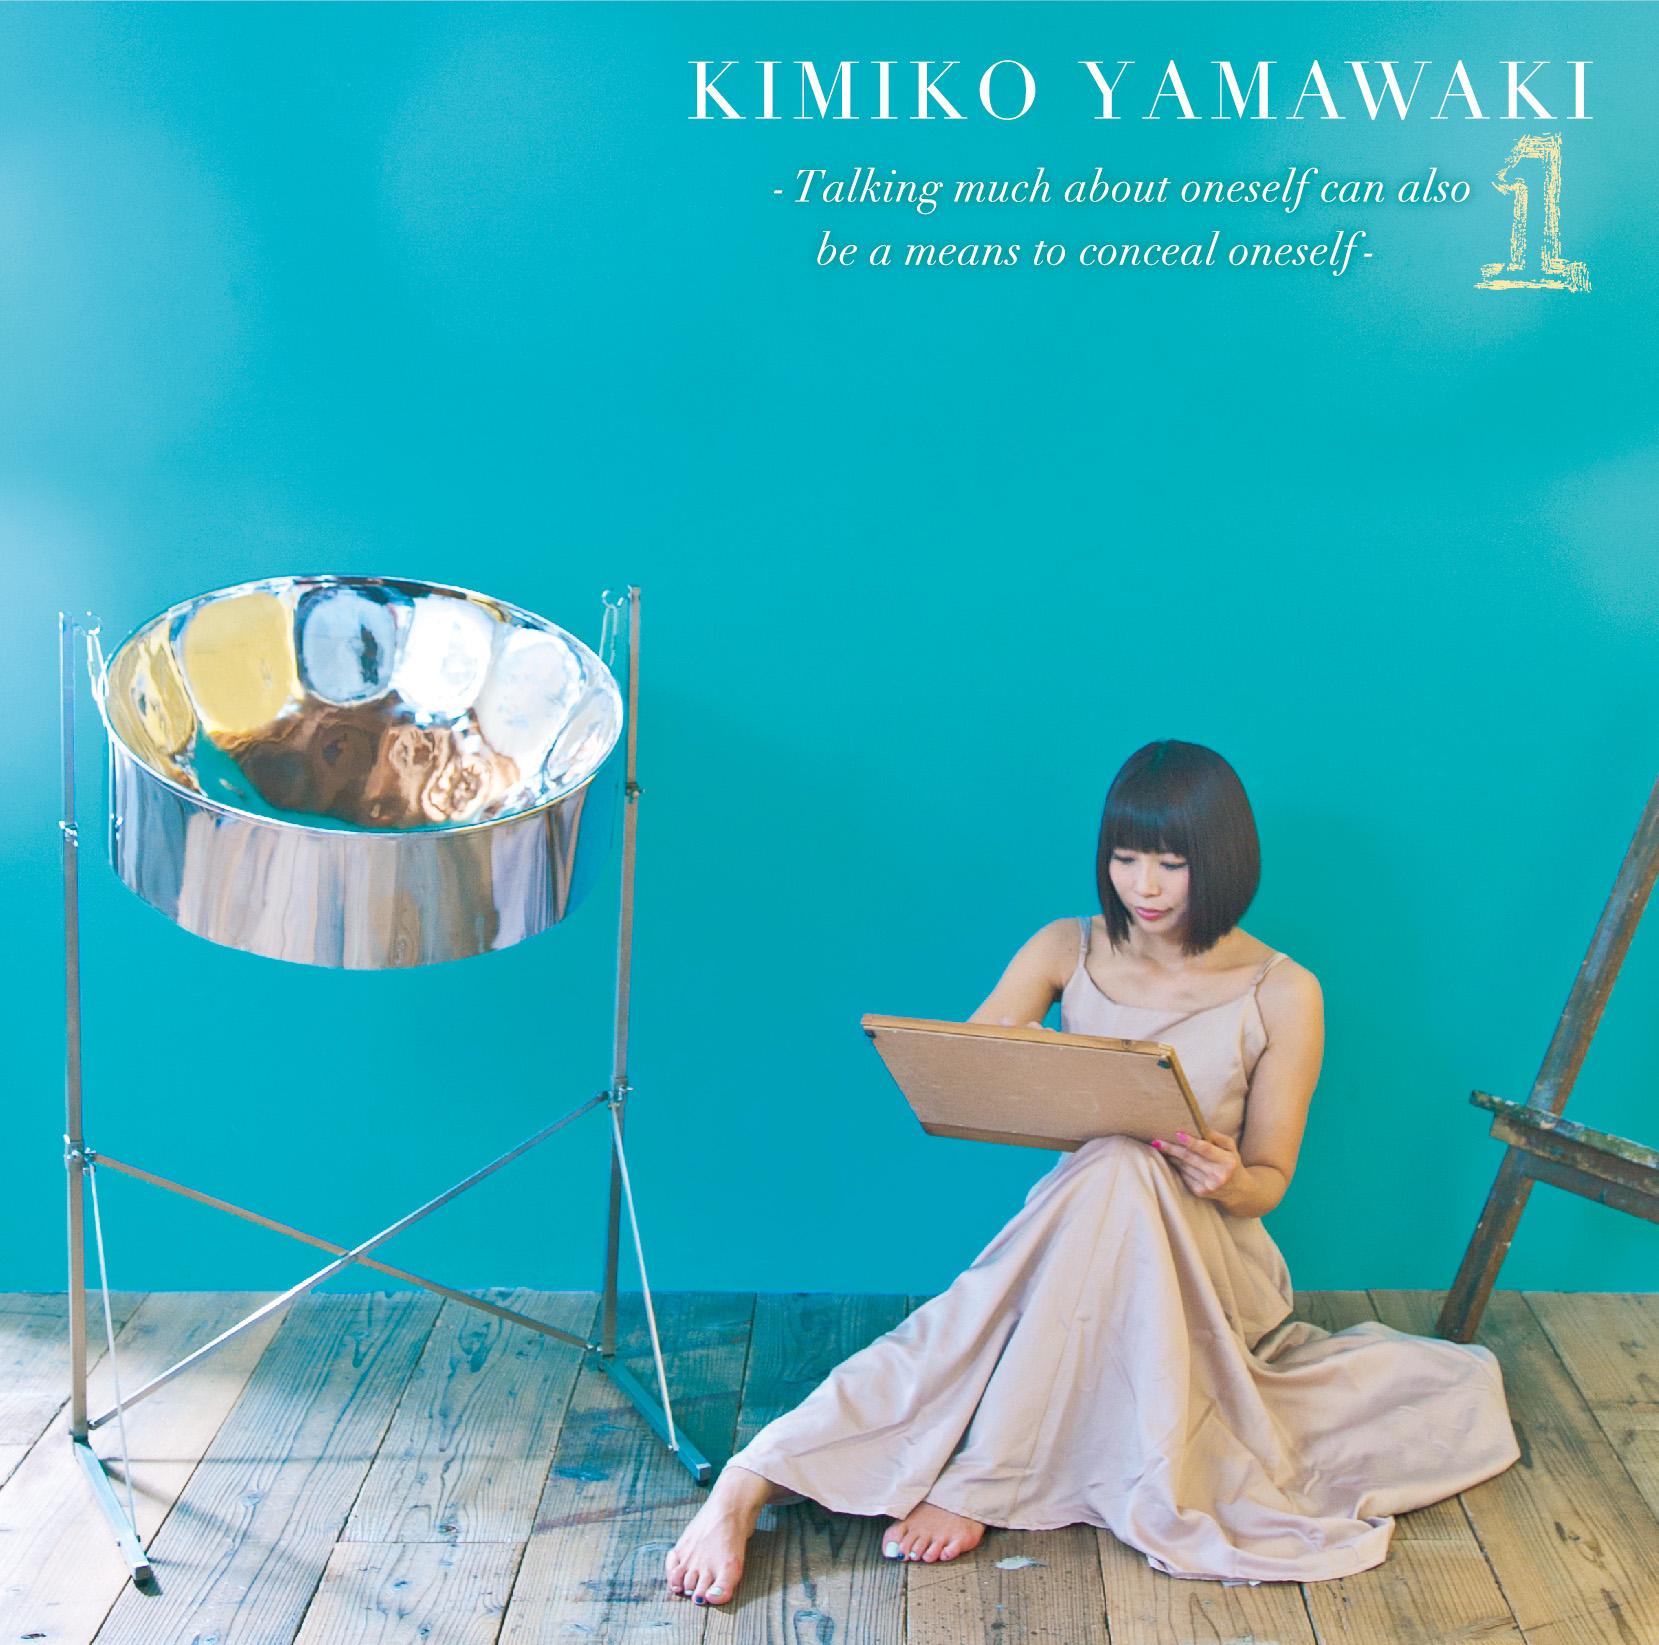 山脇妃見子 solo album『 1 ~ Talking much about oneself can also be a means to conceal oneself ~』レコ発Live♪